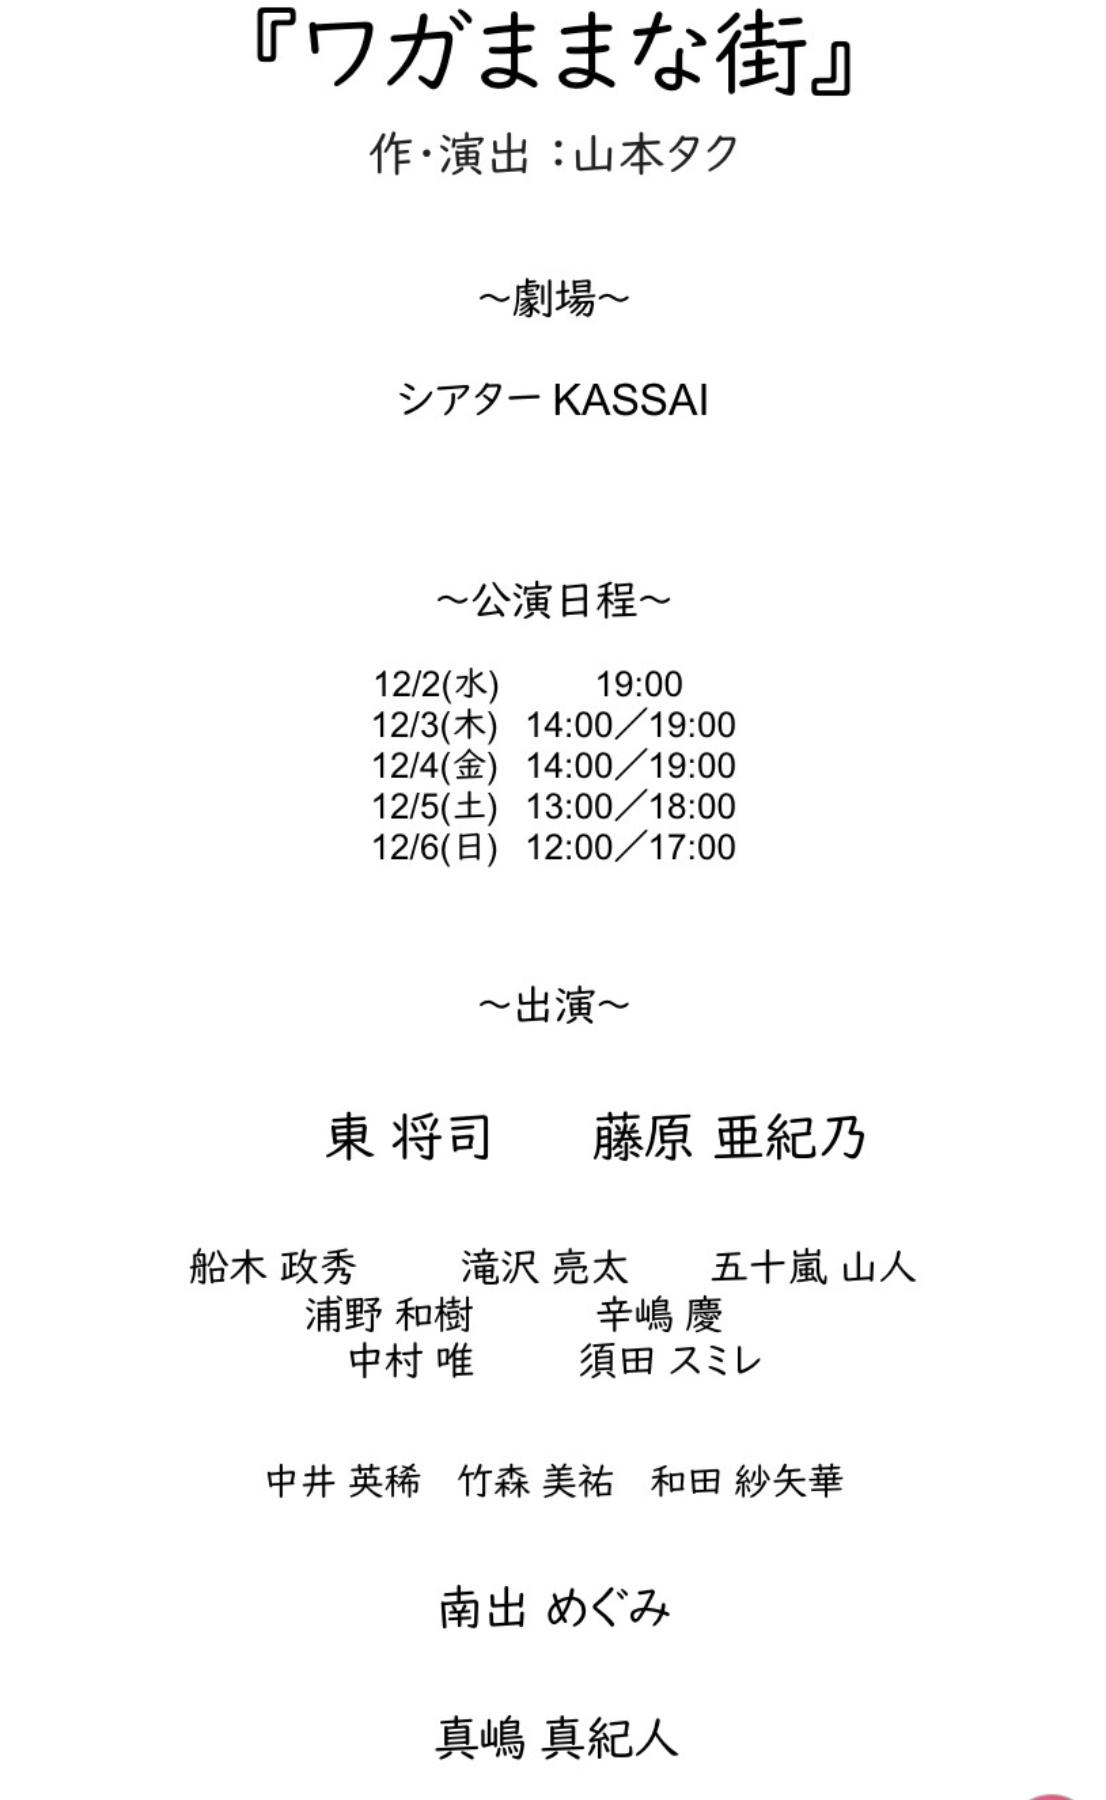 演劇企画ユニット 劇団山本屋 「9号」『ワガままな街』(配信チケット)